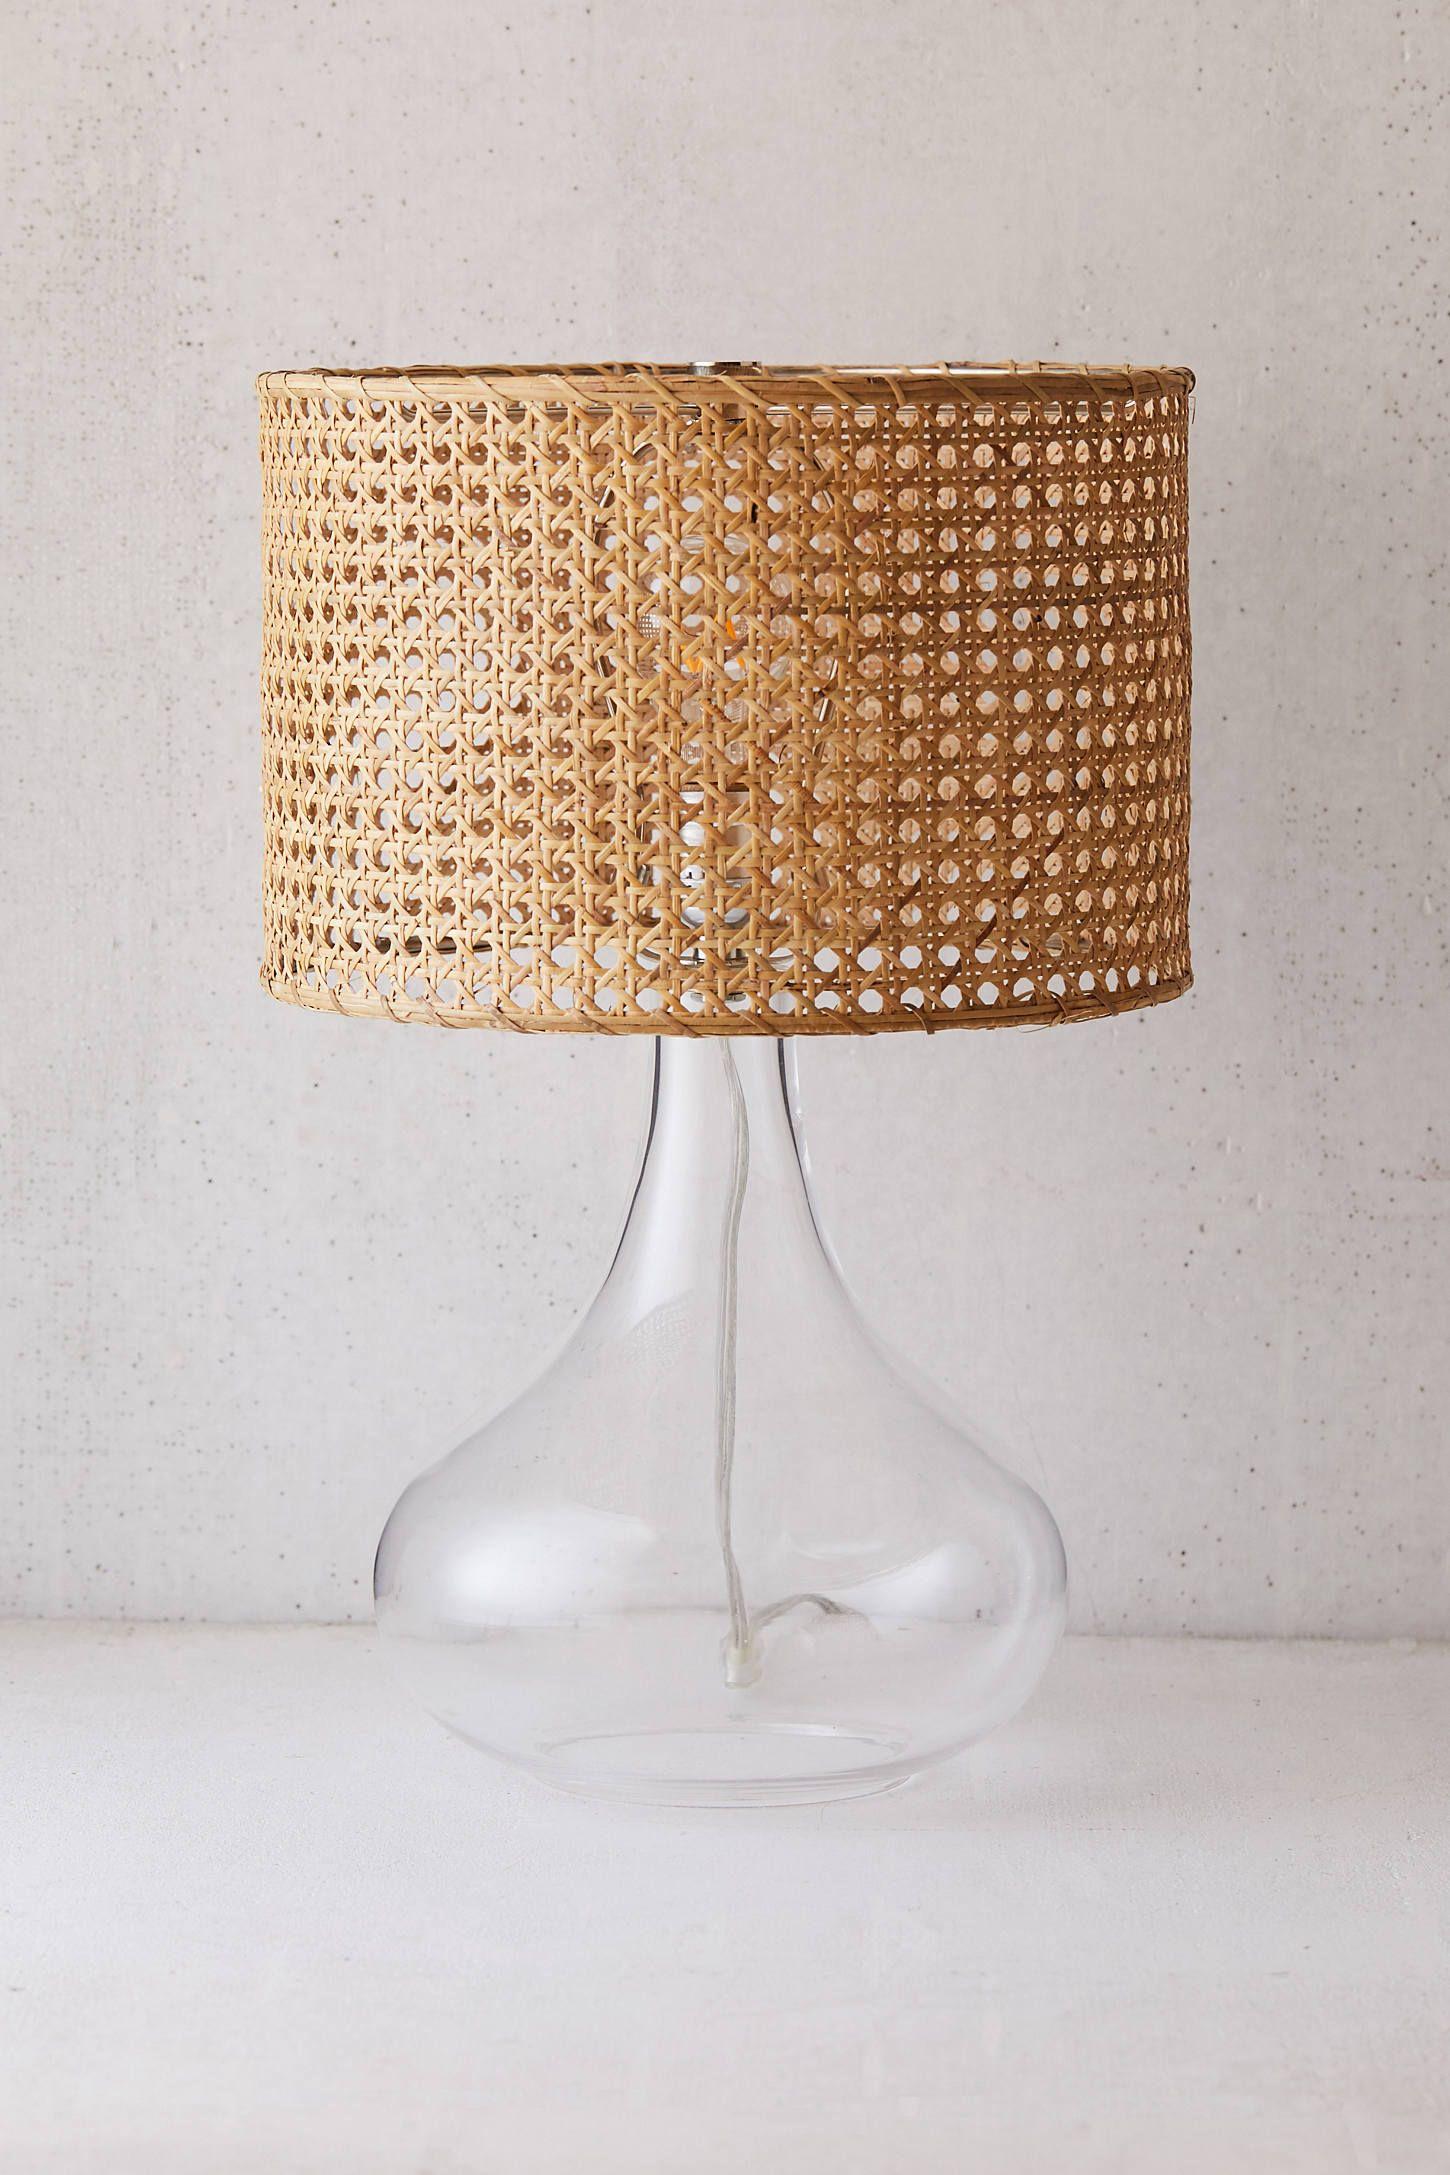 Lexi Rattan Table Lamp Rattan Lamp Diy Table Lamp Table Lamp